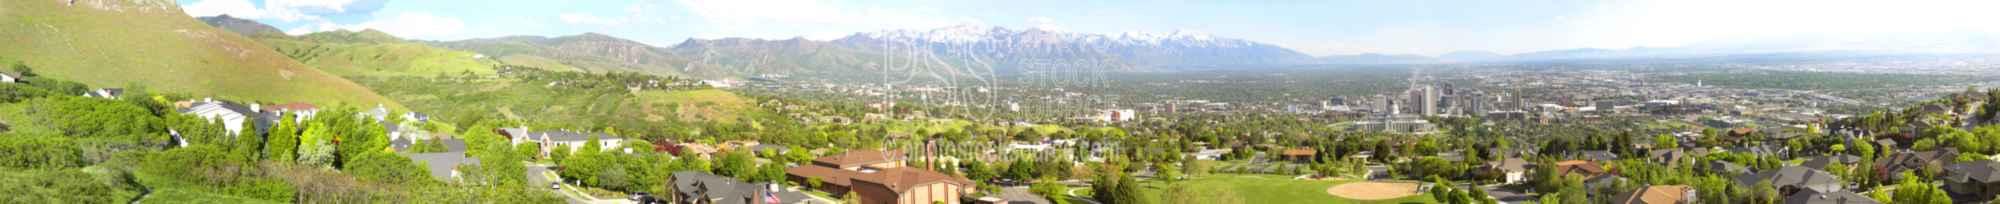 Salt Lake City at Ensign Peak